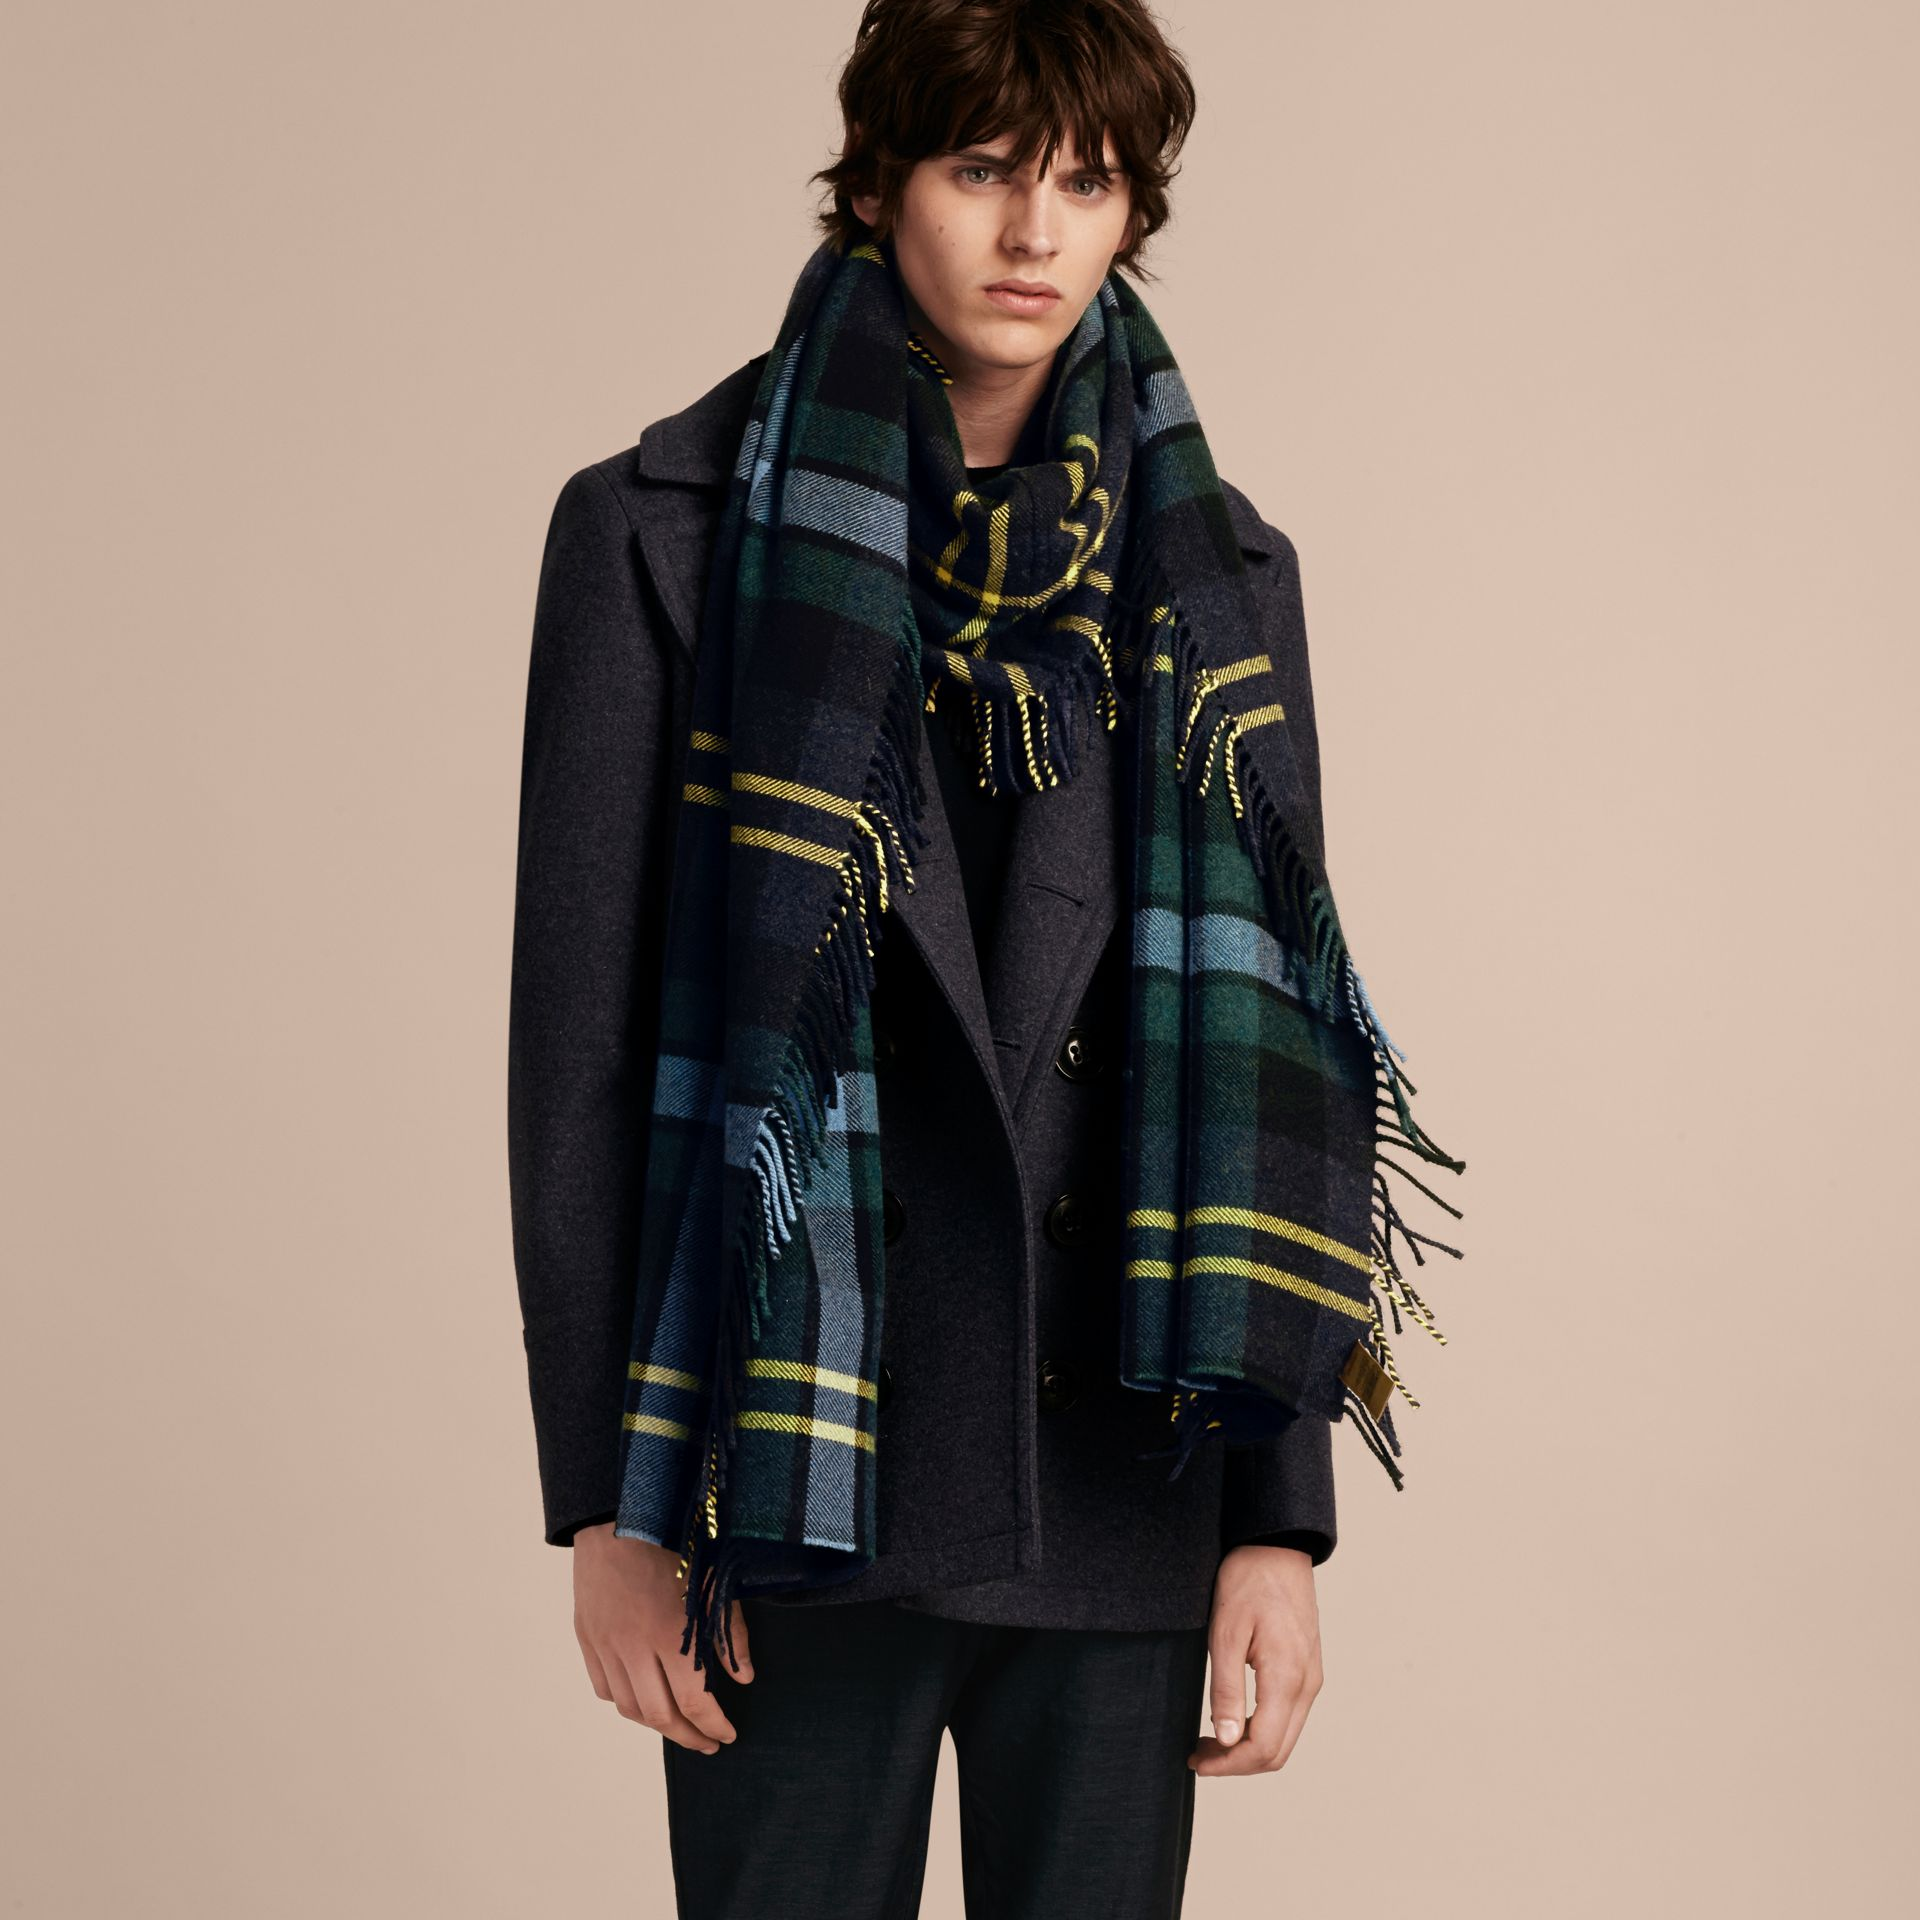 Inchiostro Sciarpa con frange in lana e cashmere con motivo tartan oversize Inchiostro - immagine della galleria 3